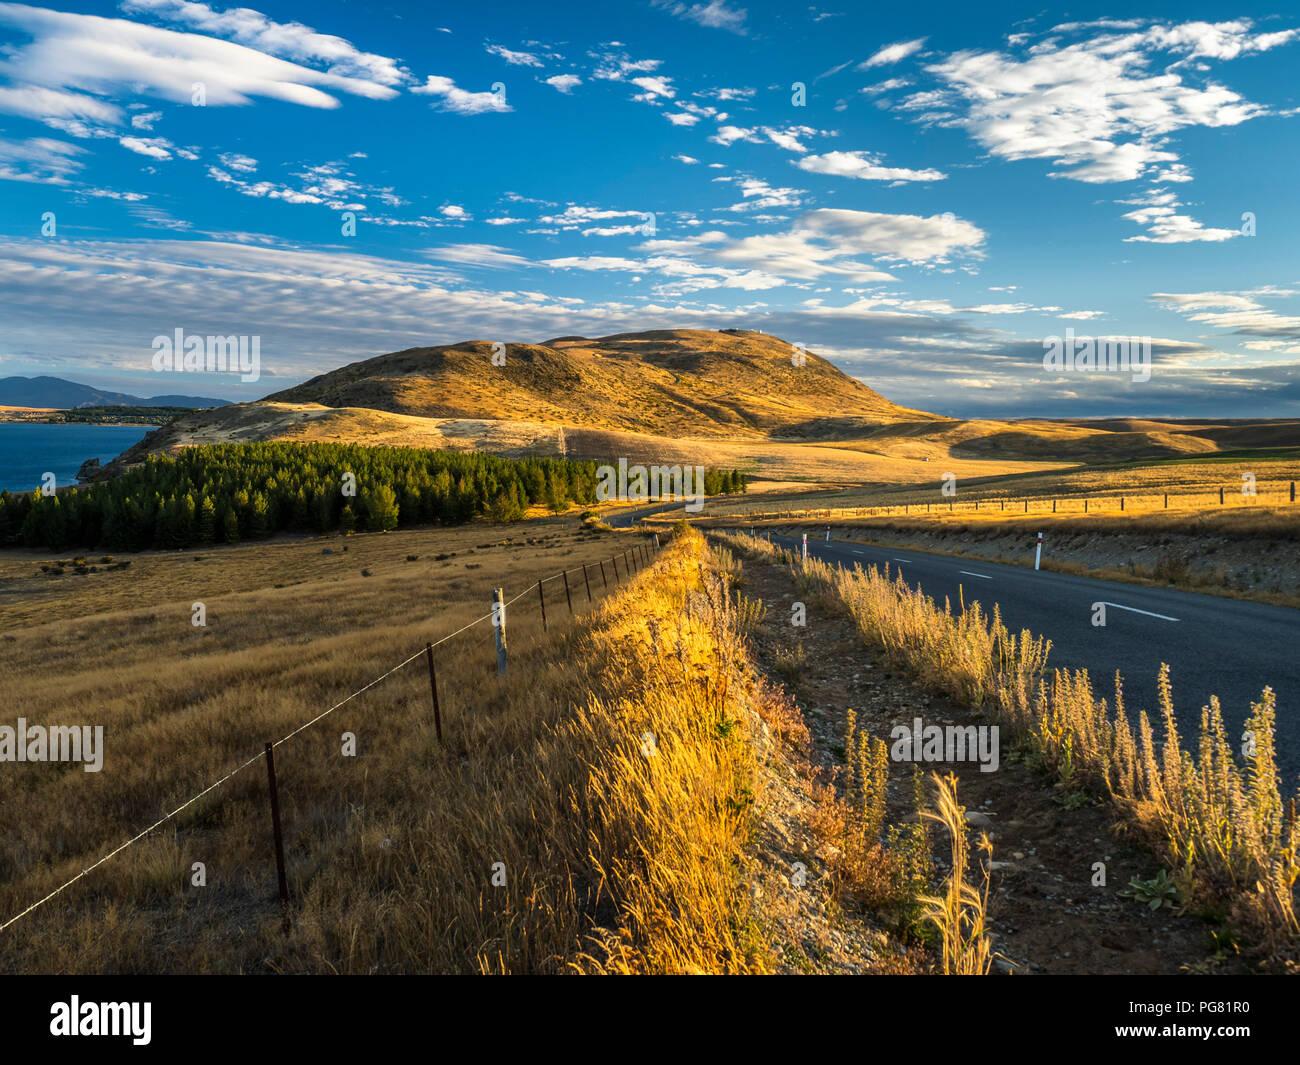 Nueva Zelanda, Isla del Sur, la región de Canterbury, puesta de sol cerca del lago Tekapo Imagen De Stock